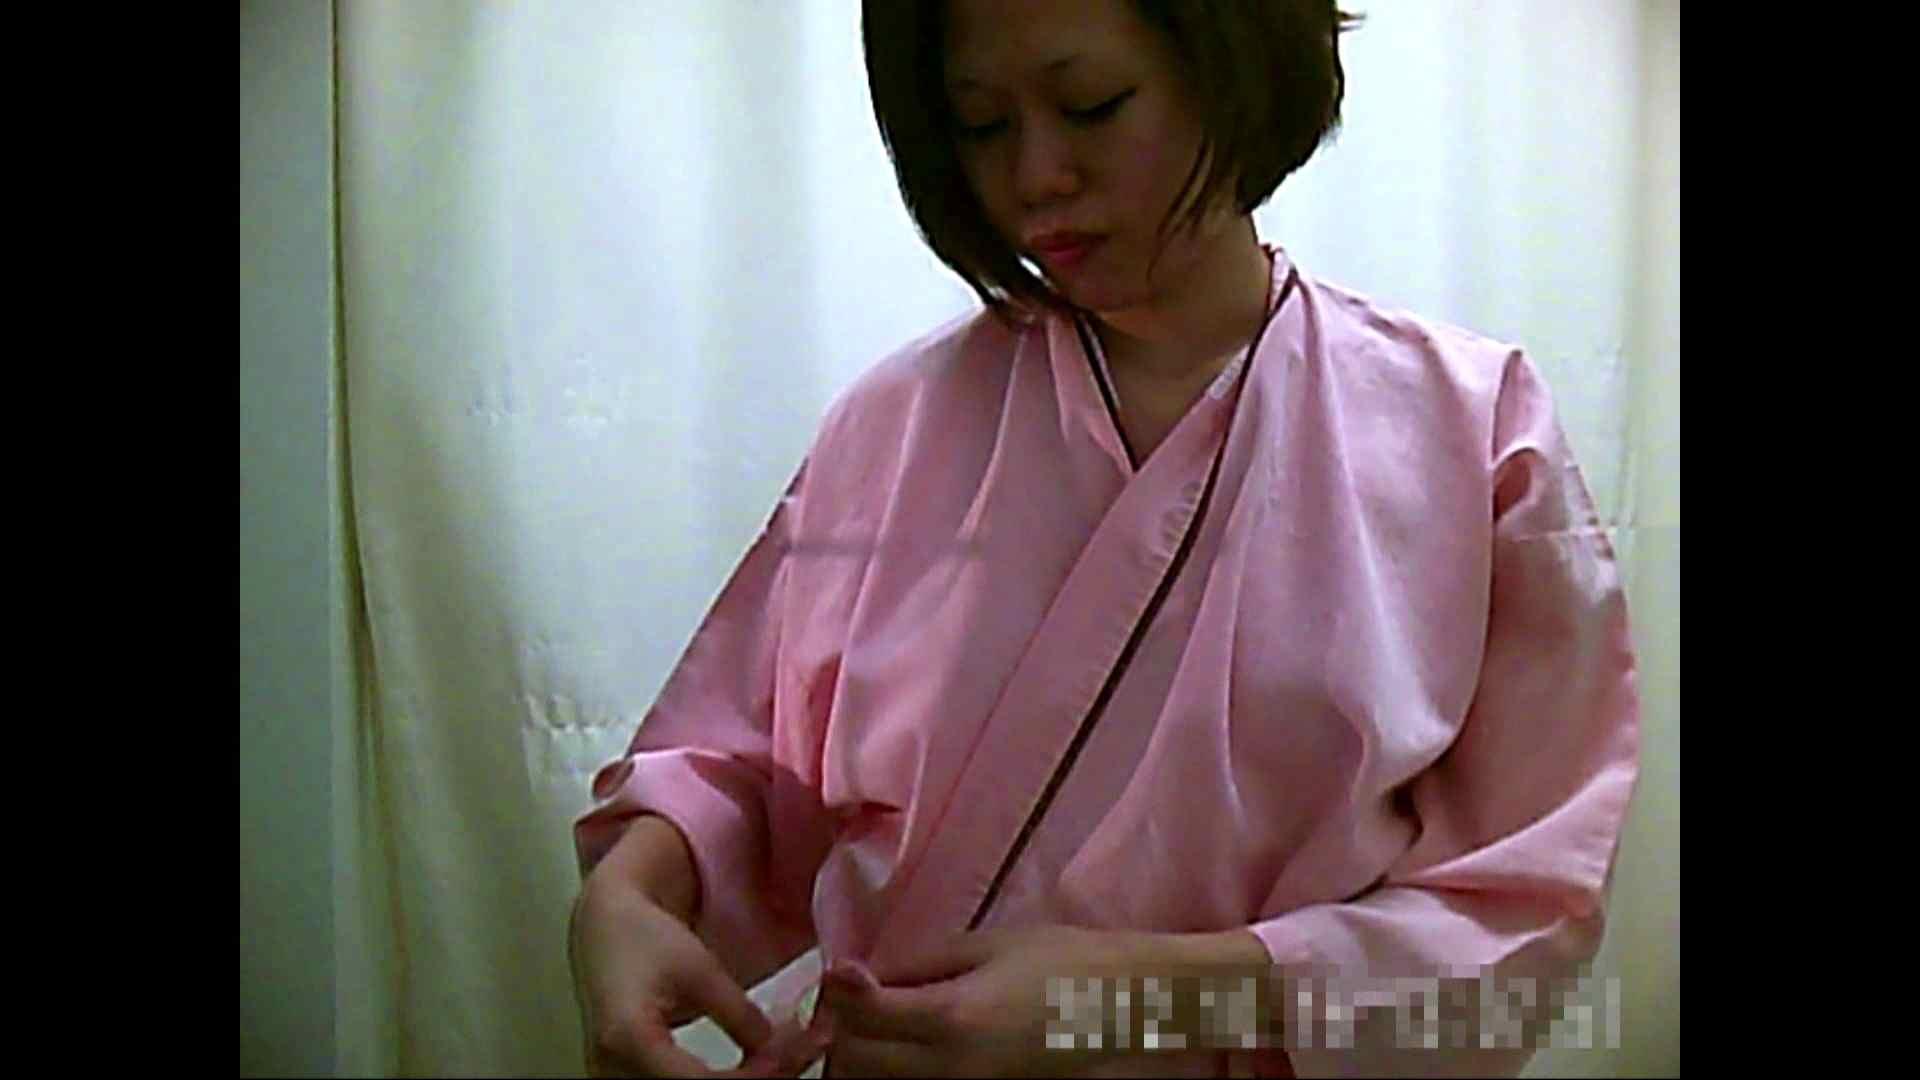 病院おもいっきり着替え! vol.239 巨乳 SEX無修正画像 96pic 12